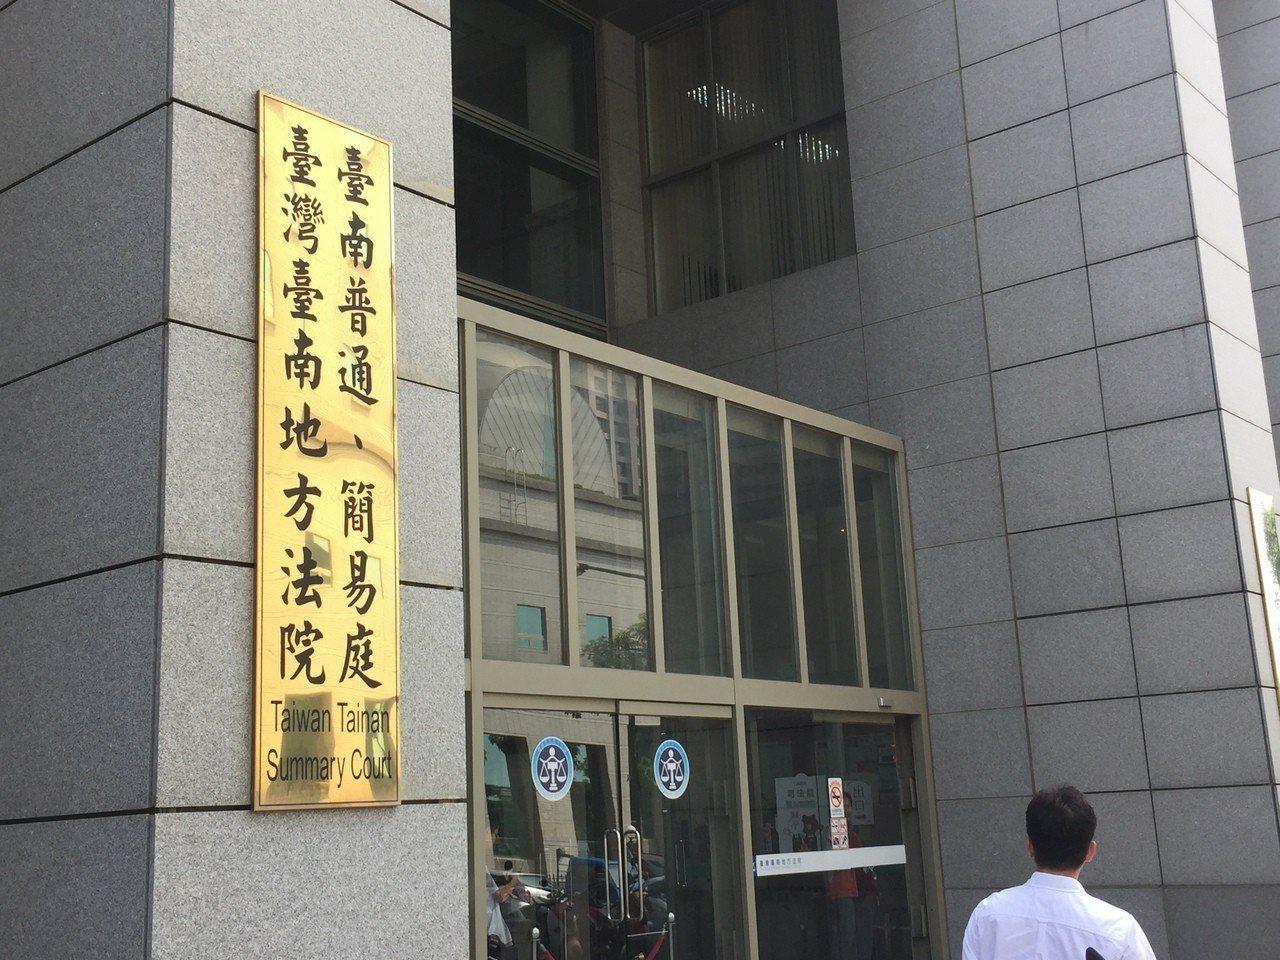 邱姓焊接工人酒駕被逮,竟冒用姪子的名義,在酒測紀錄表上簽名,被眼尖員警查獲,台南...